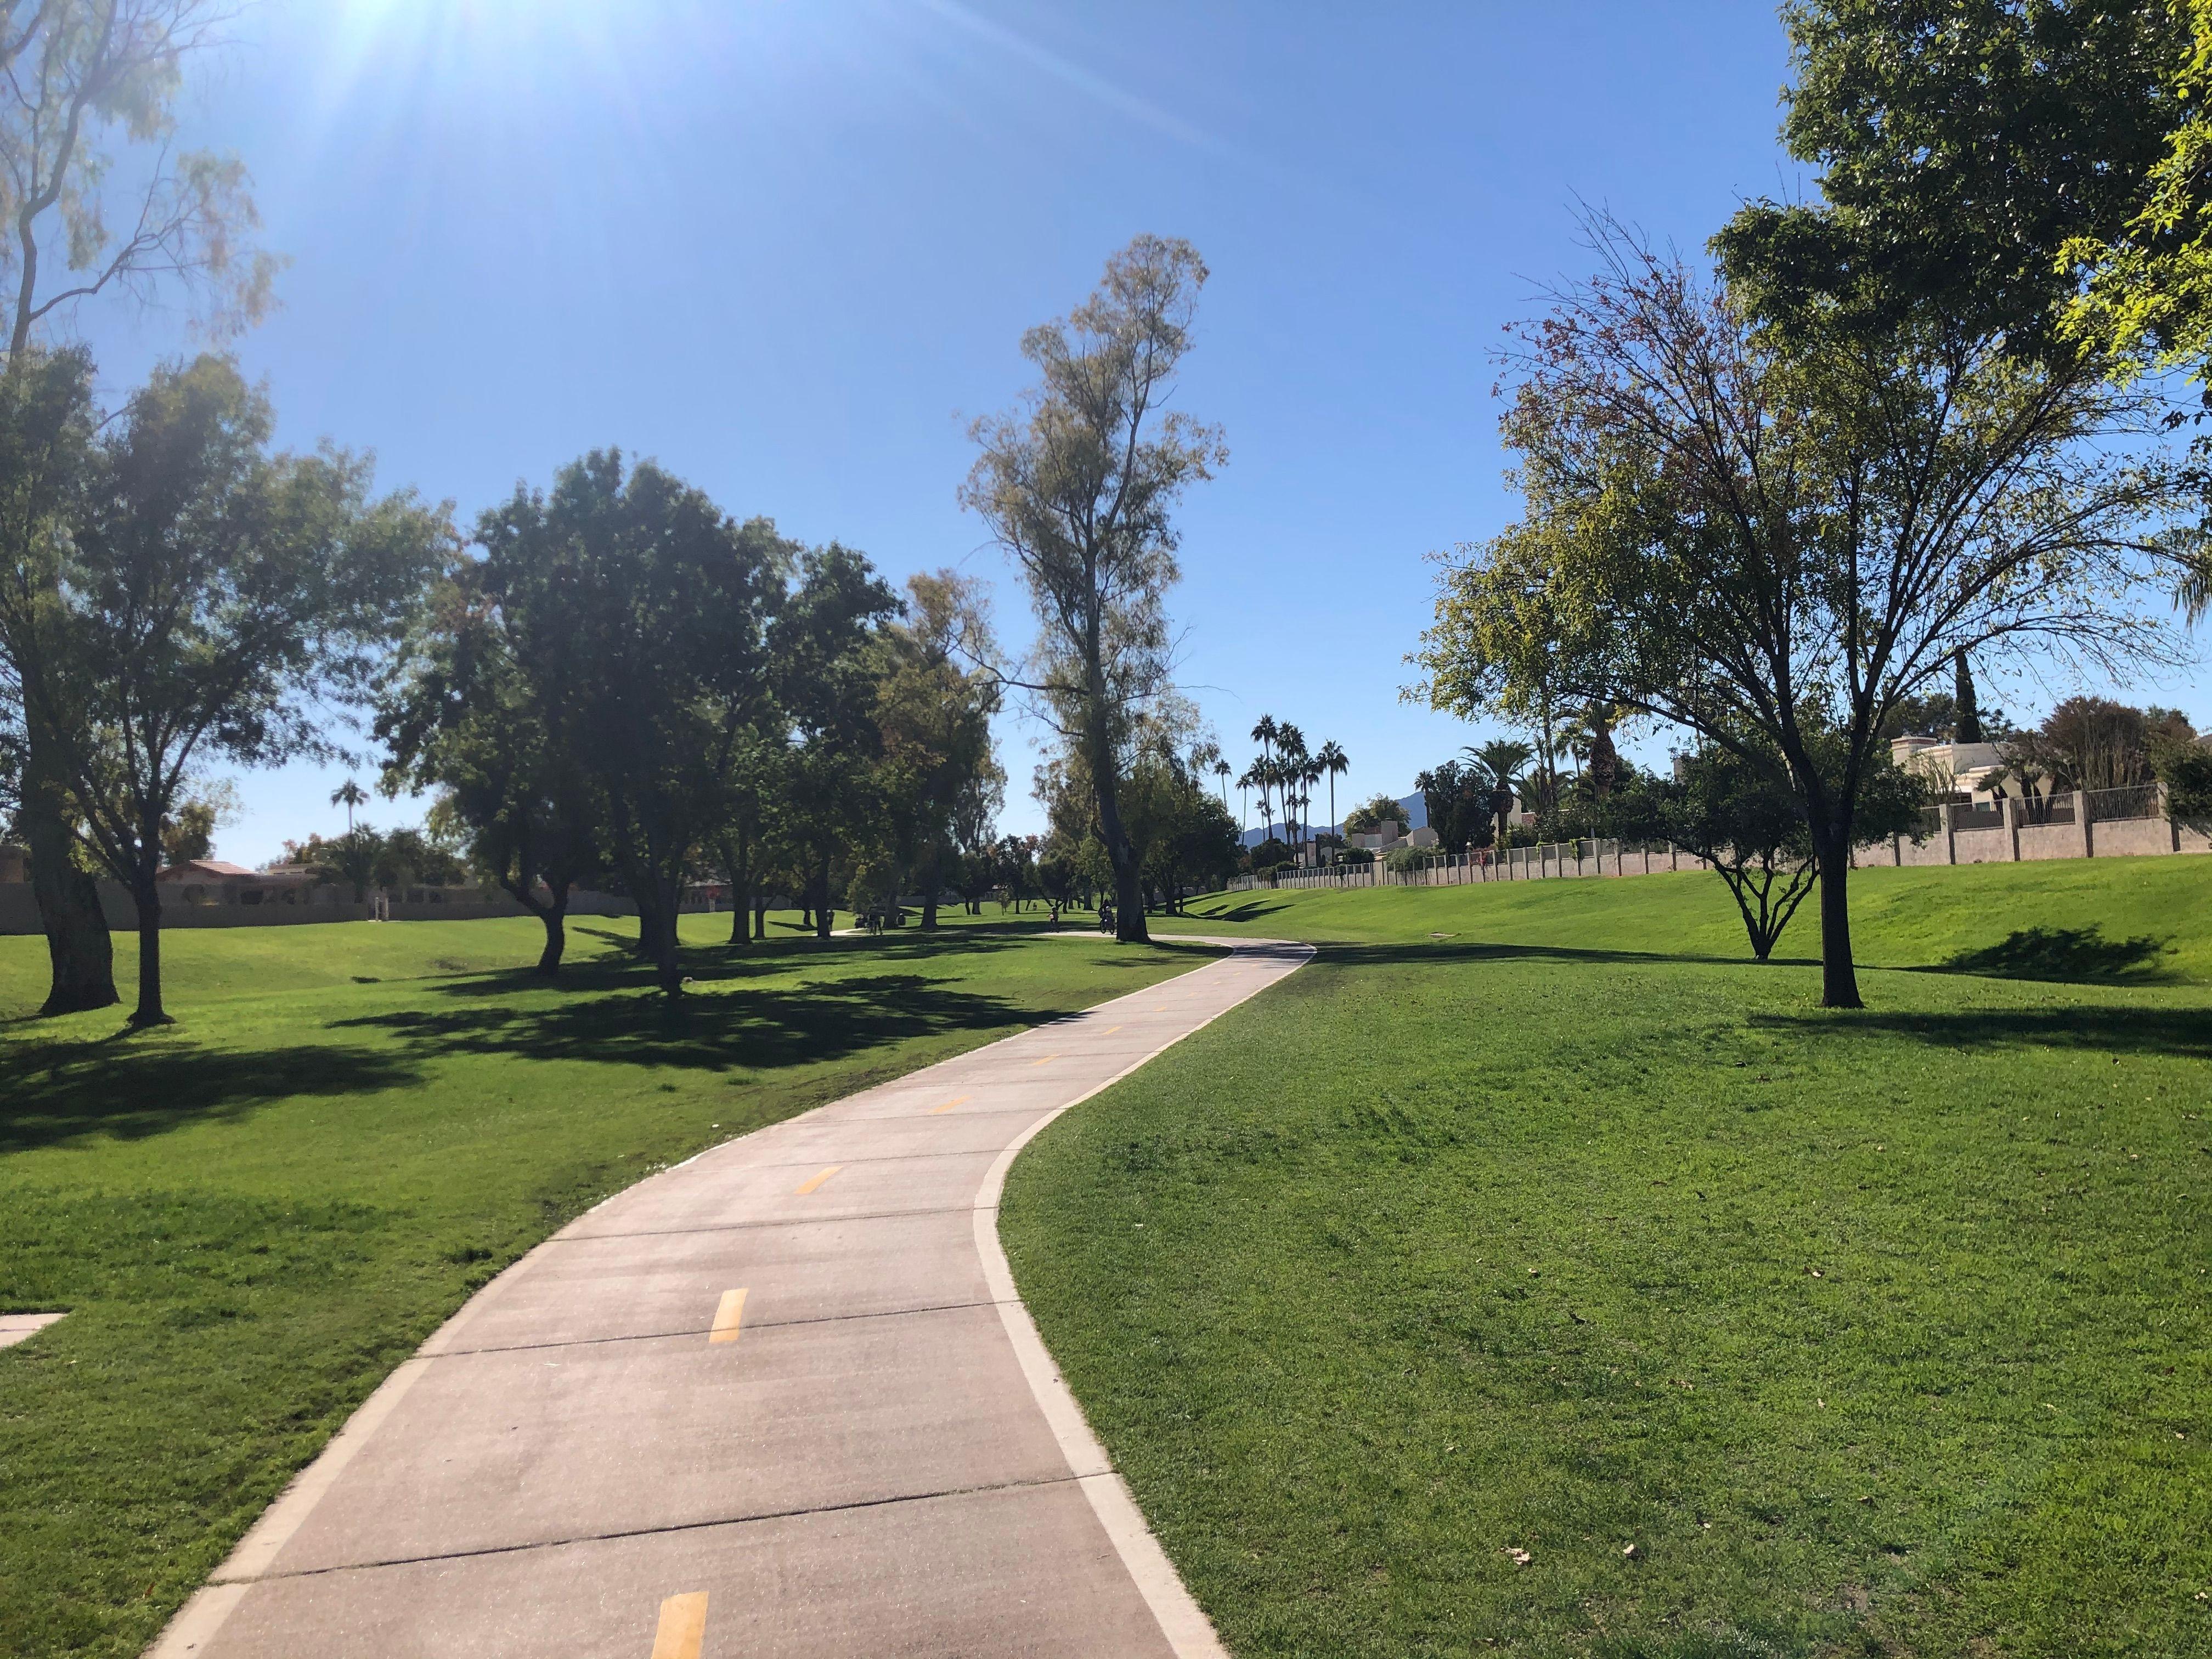 Greenbelt trail in sunlight